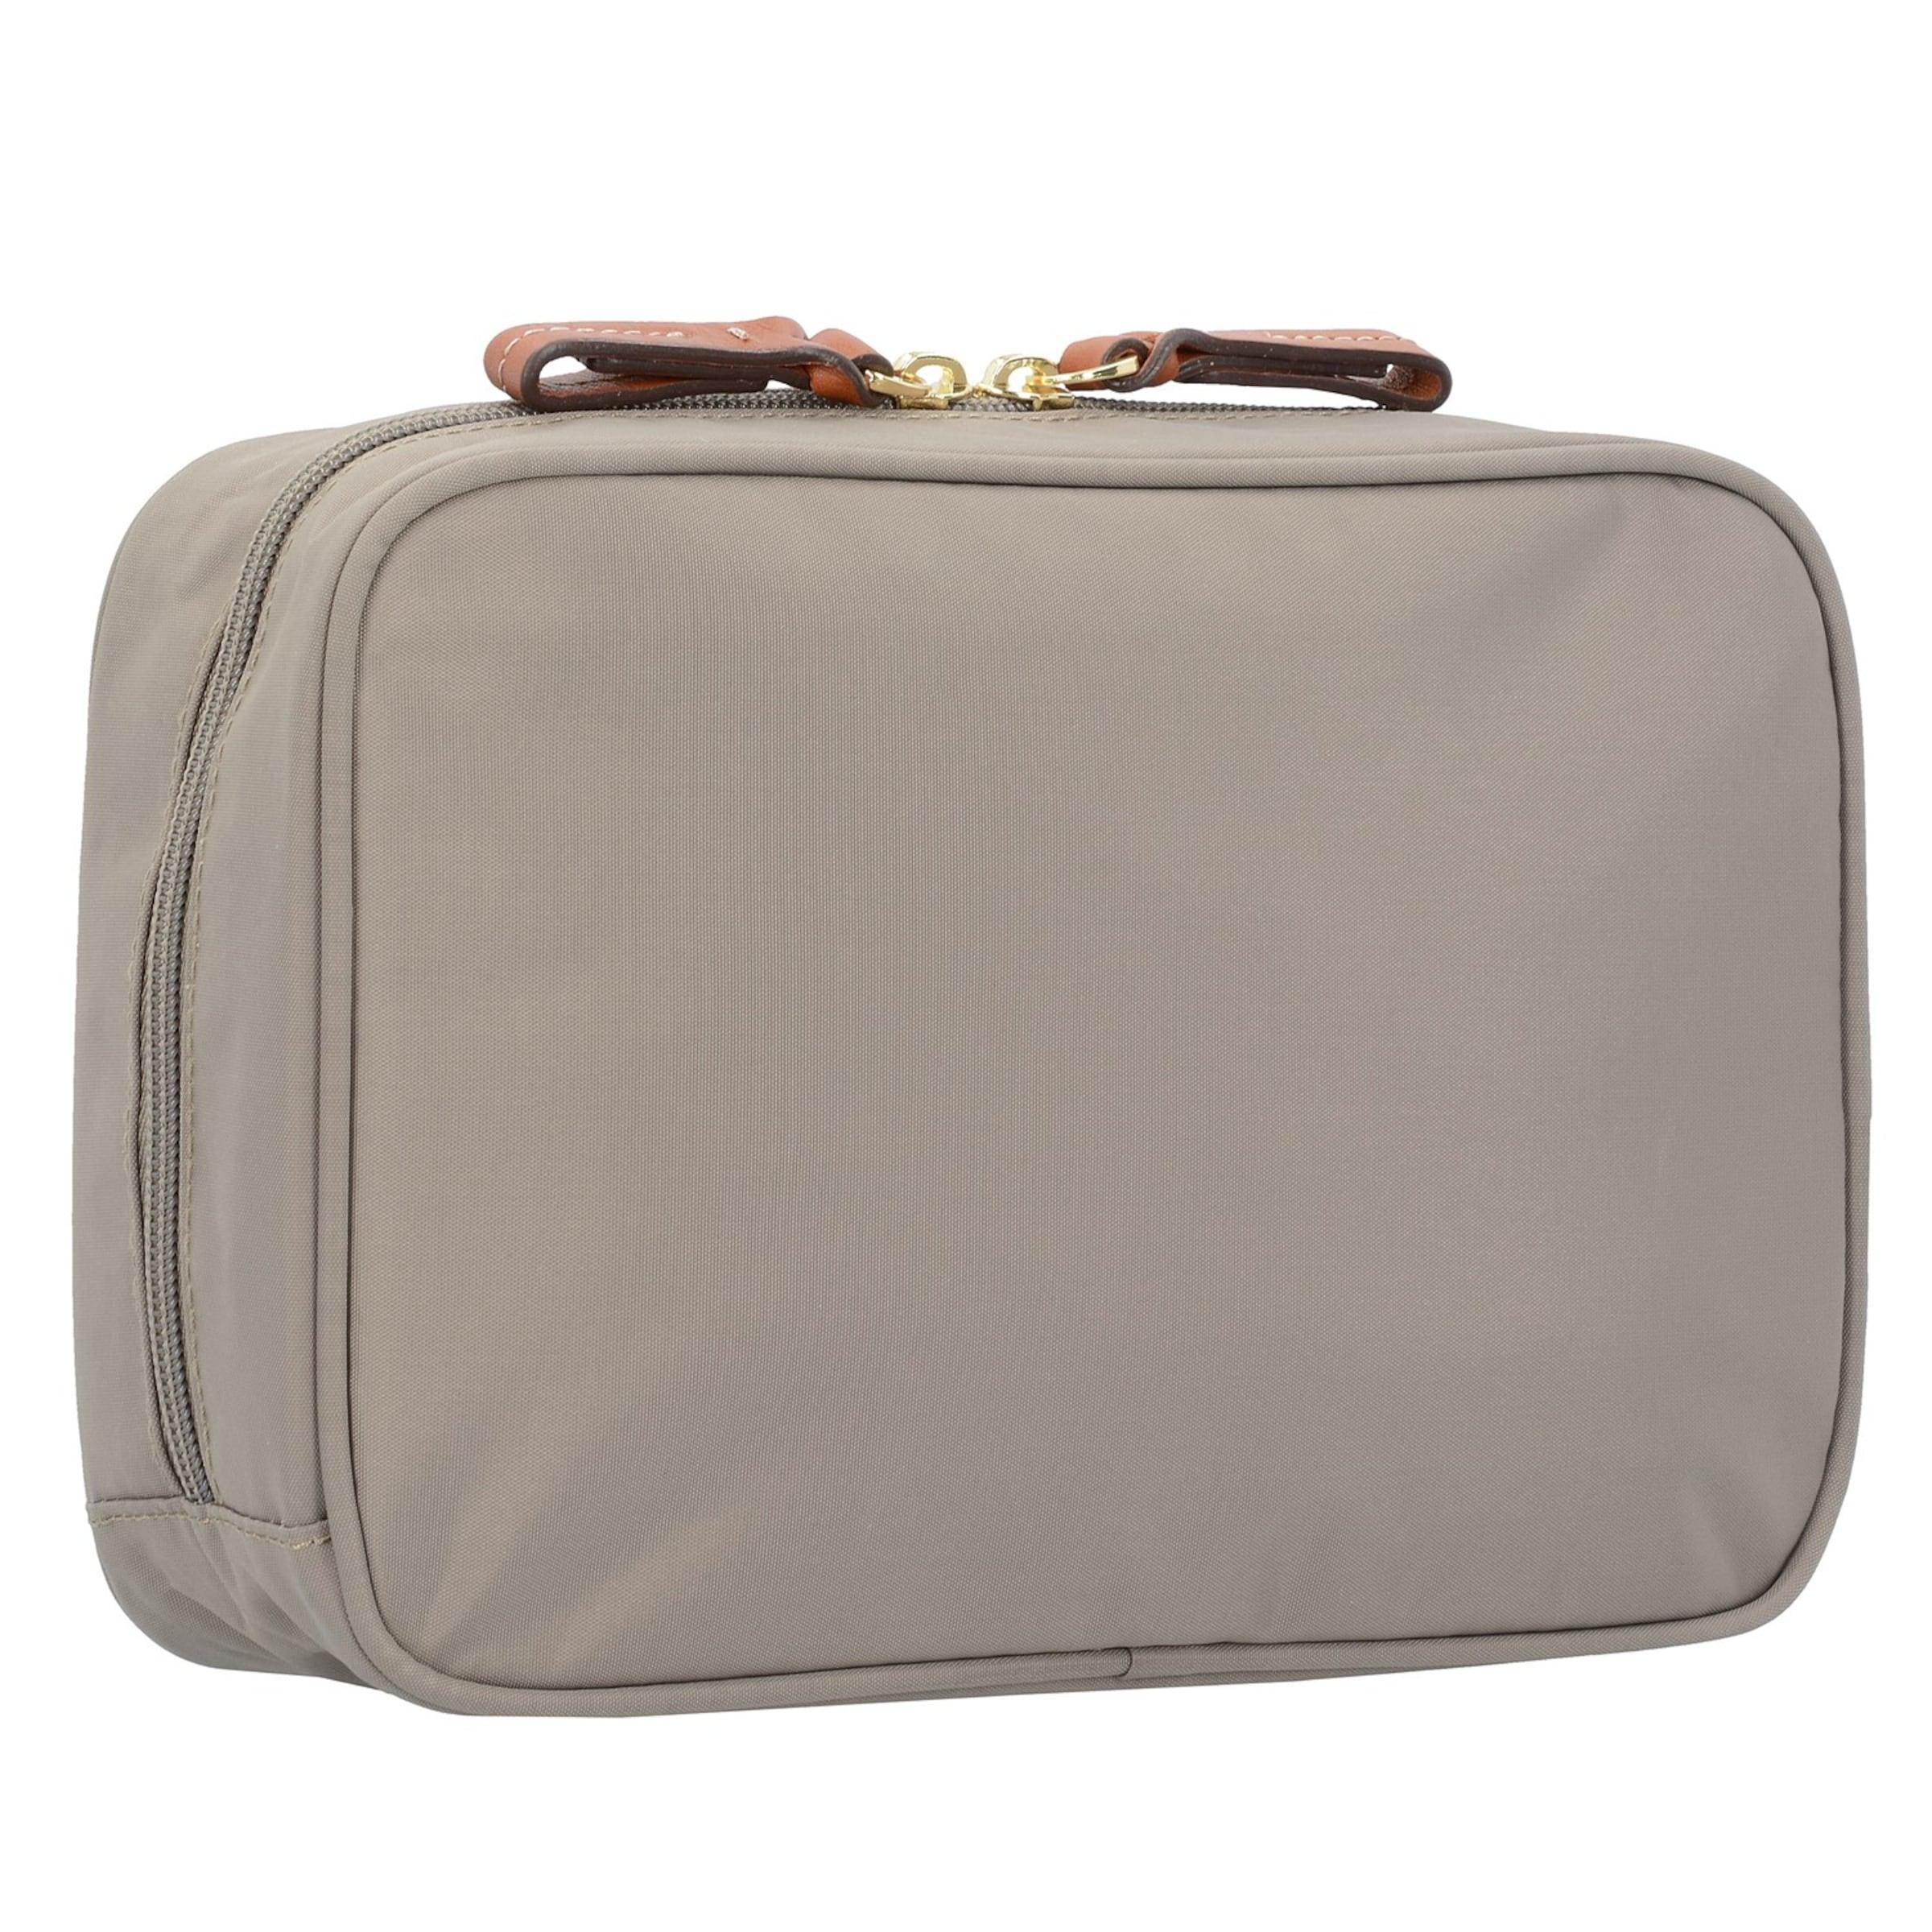 Bric's X-Bag Kosmetiktasche 21 cm Rabatt Bester Platz Footaction Online-Verkauf Günstig Kaufen Verkauf 6V4qUP